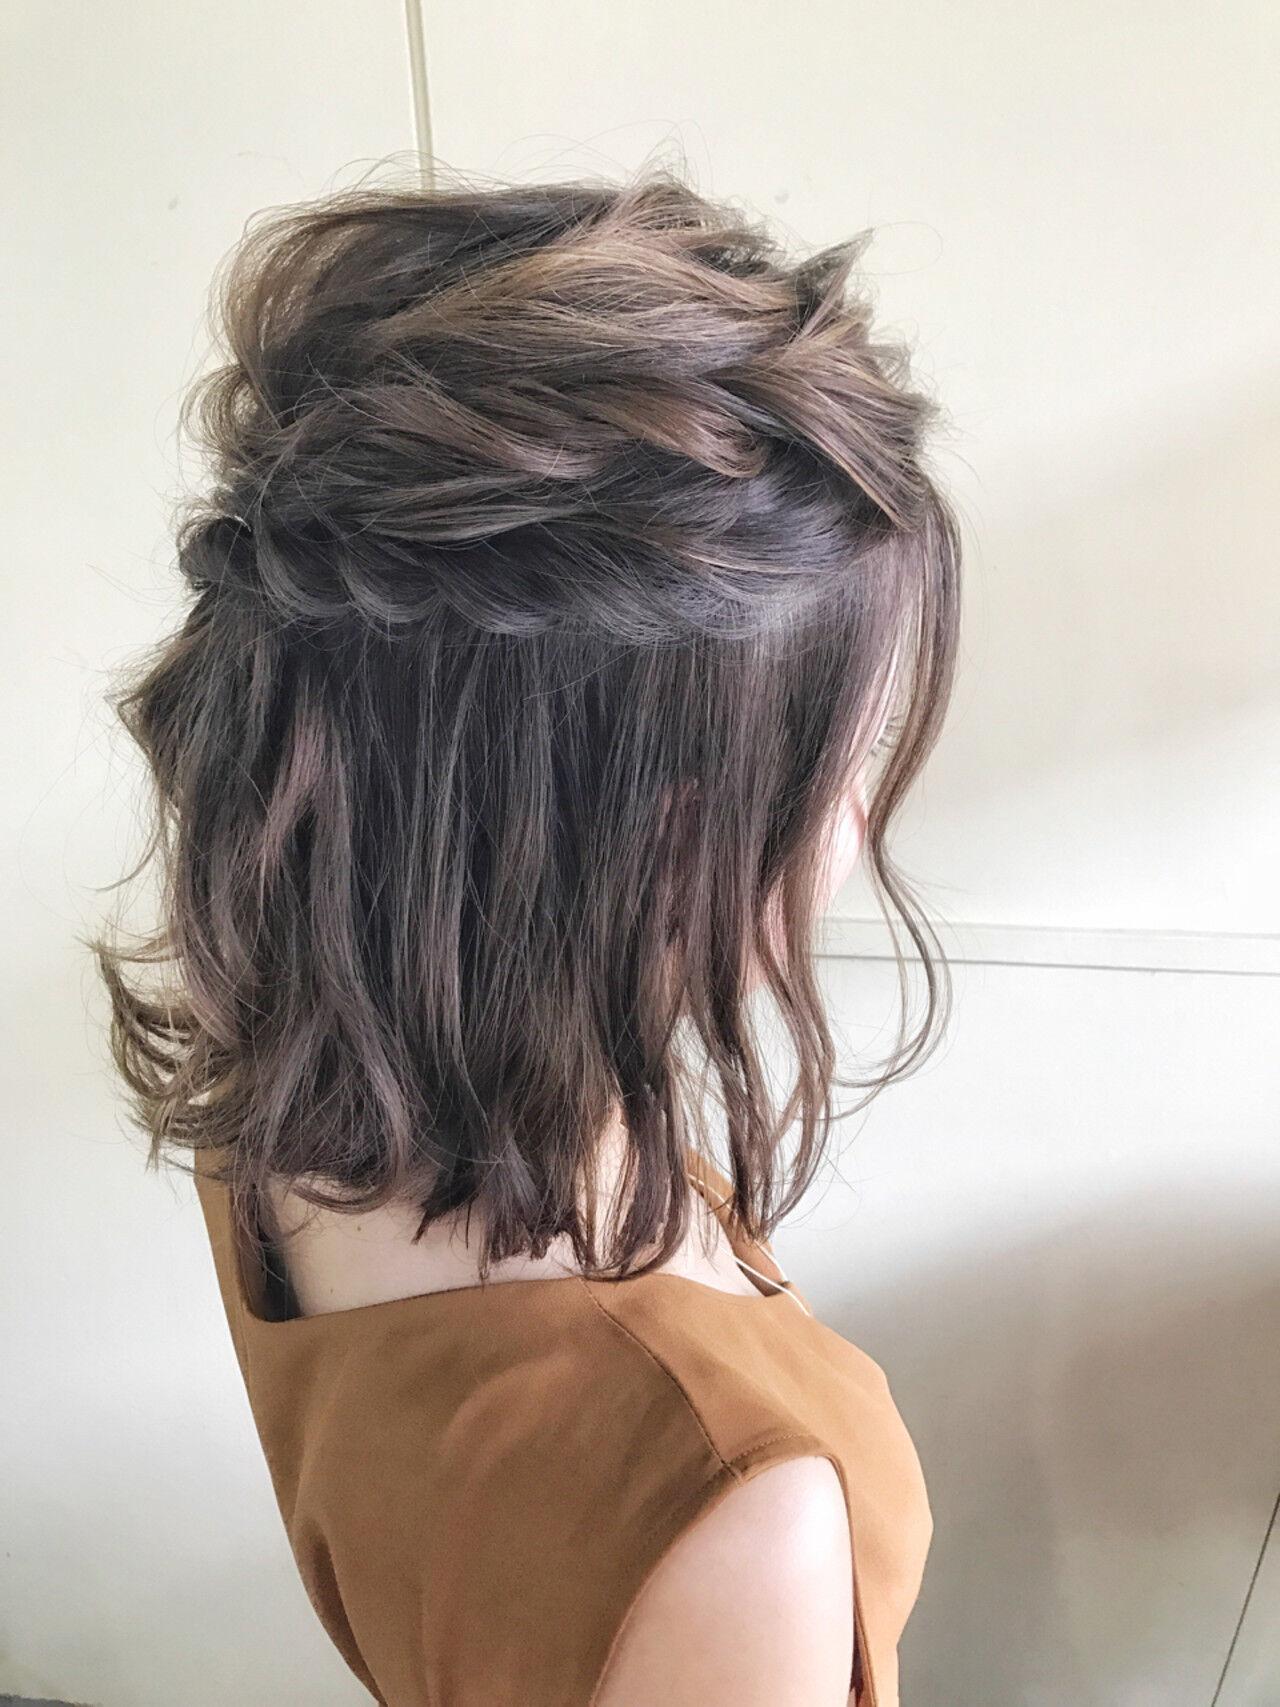 結婚式 ハーフアップ ボブ ヘアアレンジヘアスタイルや髪型の写真・画像